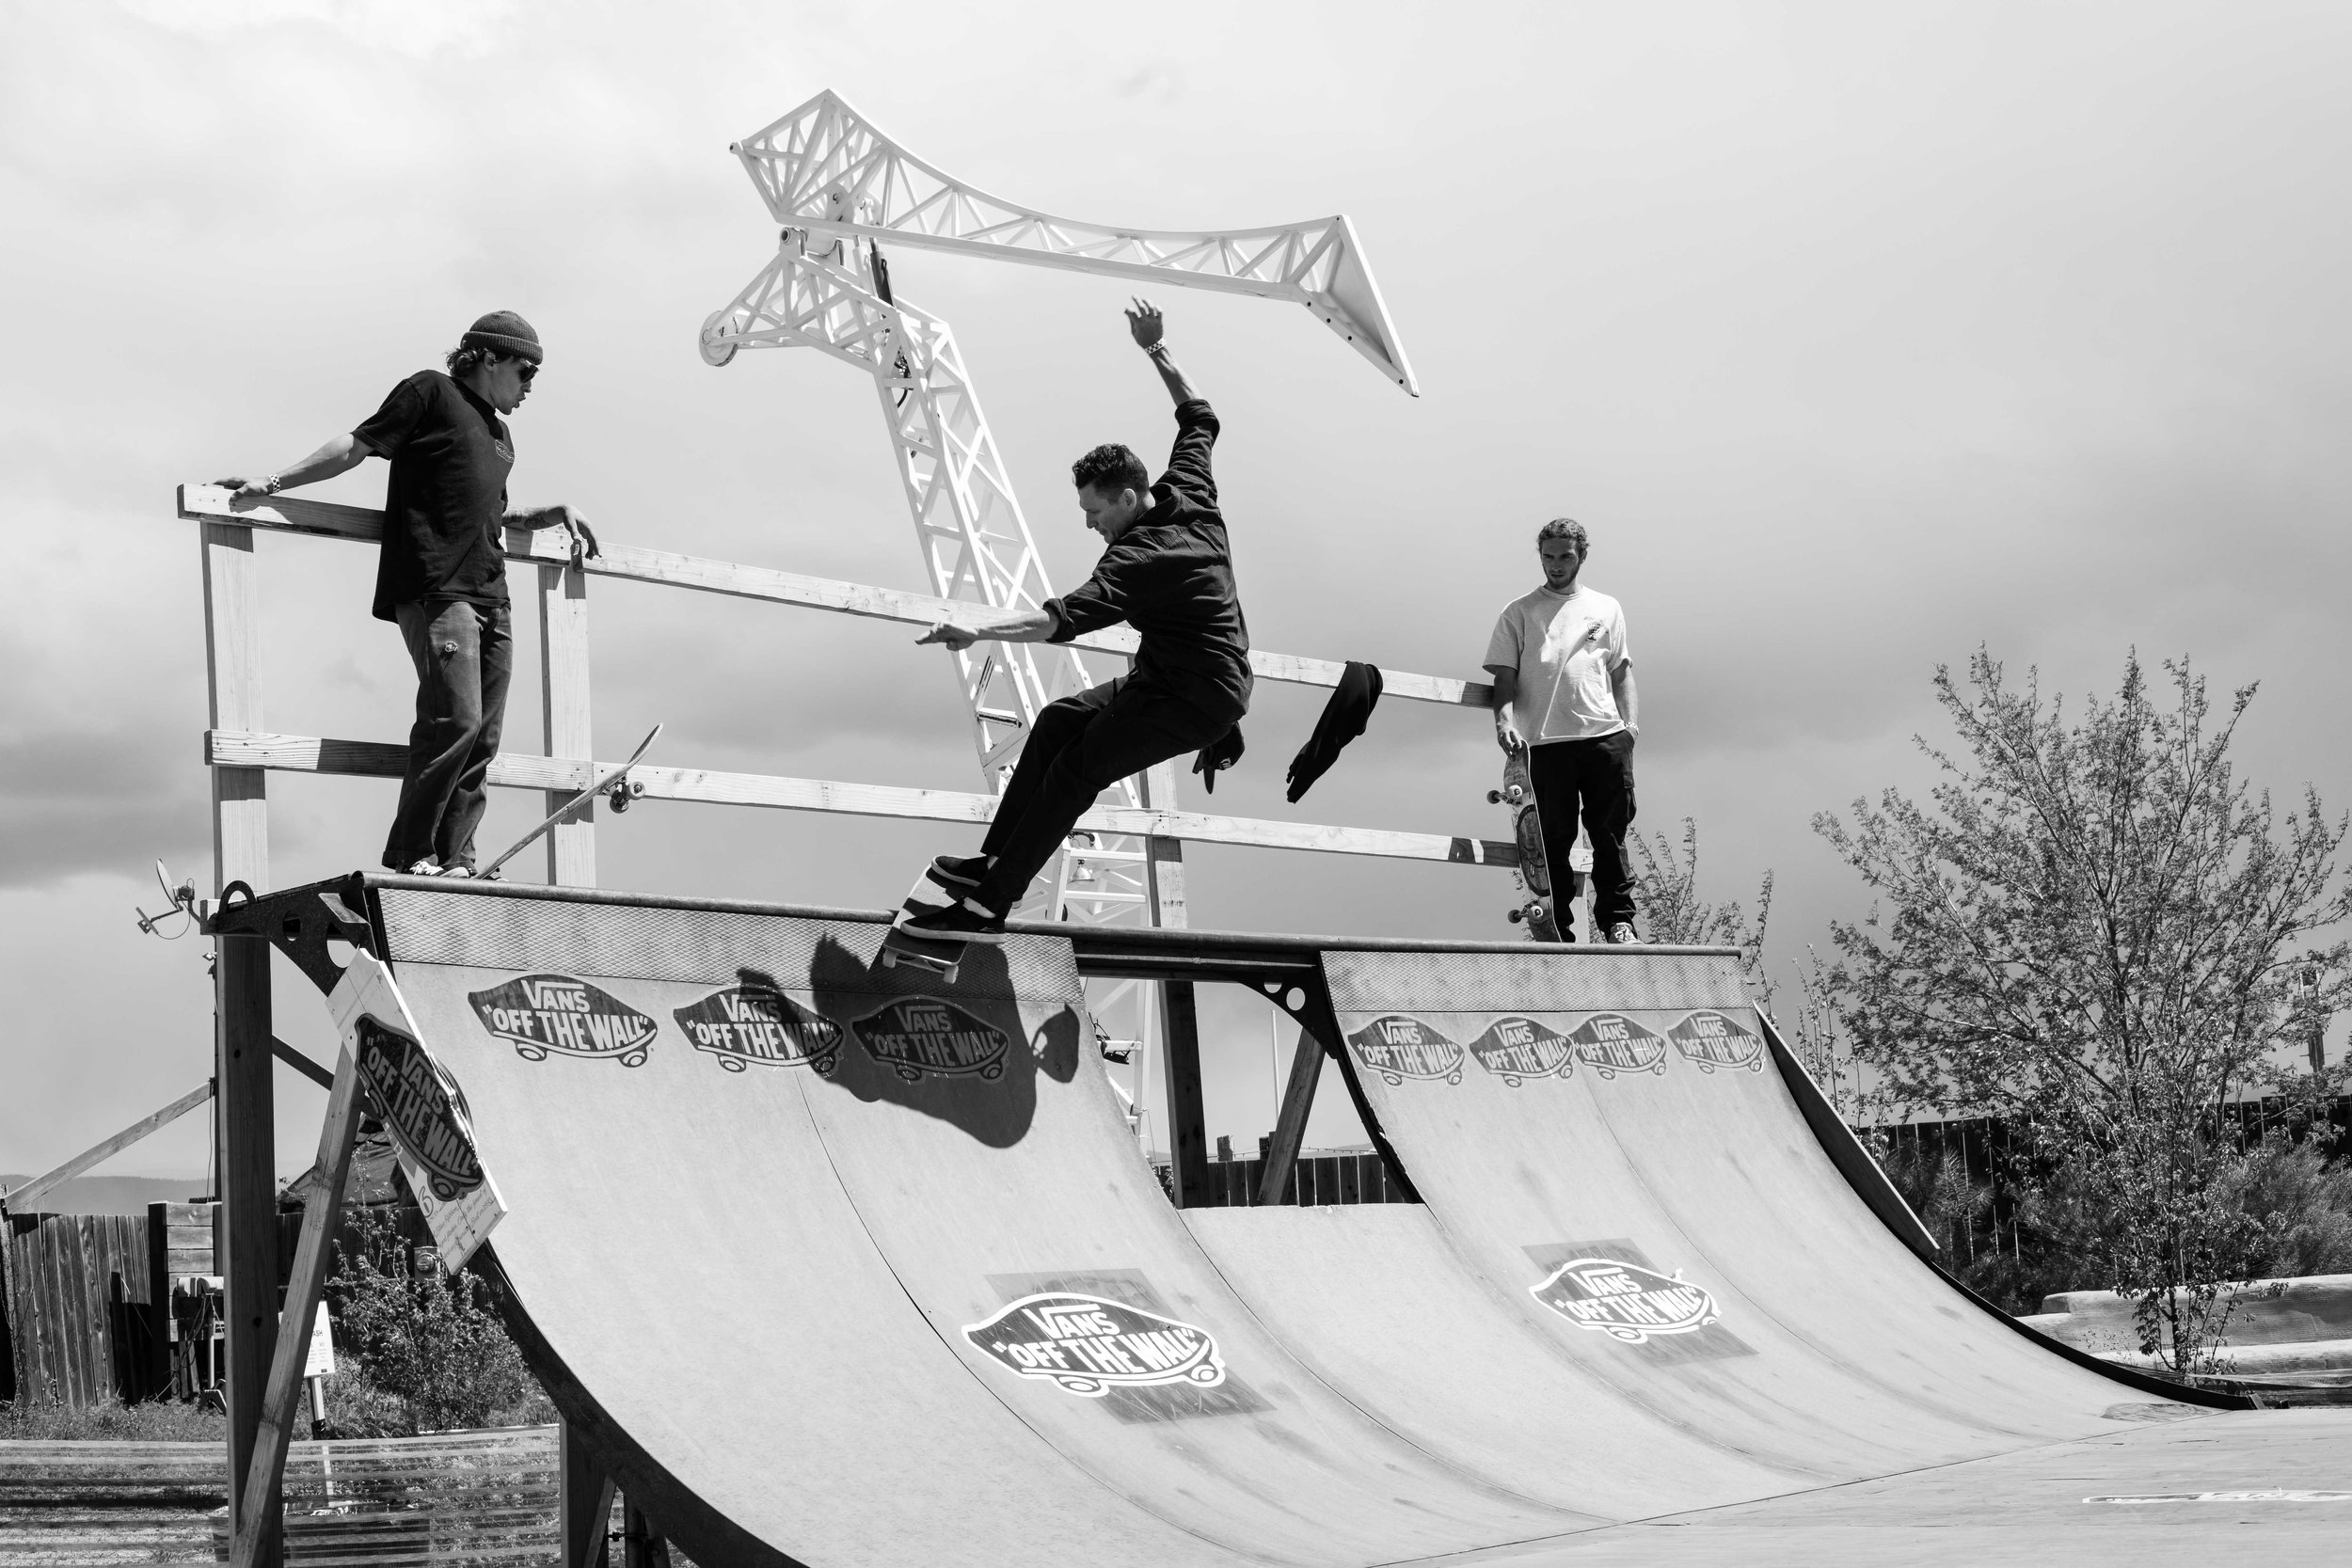 Skate_Digi_Monolith2019_1.jpg